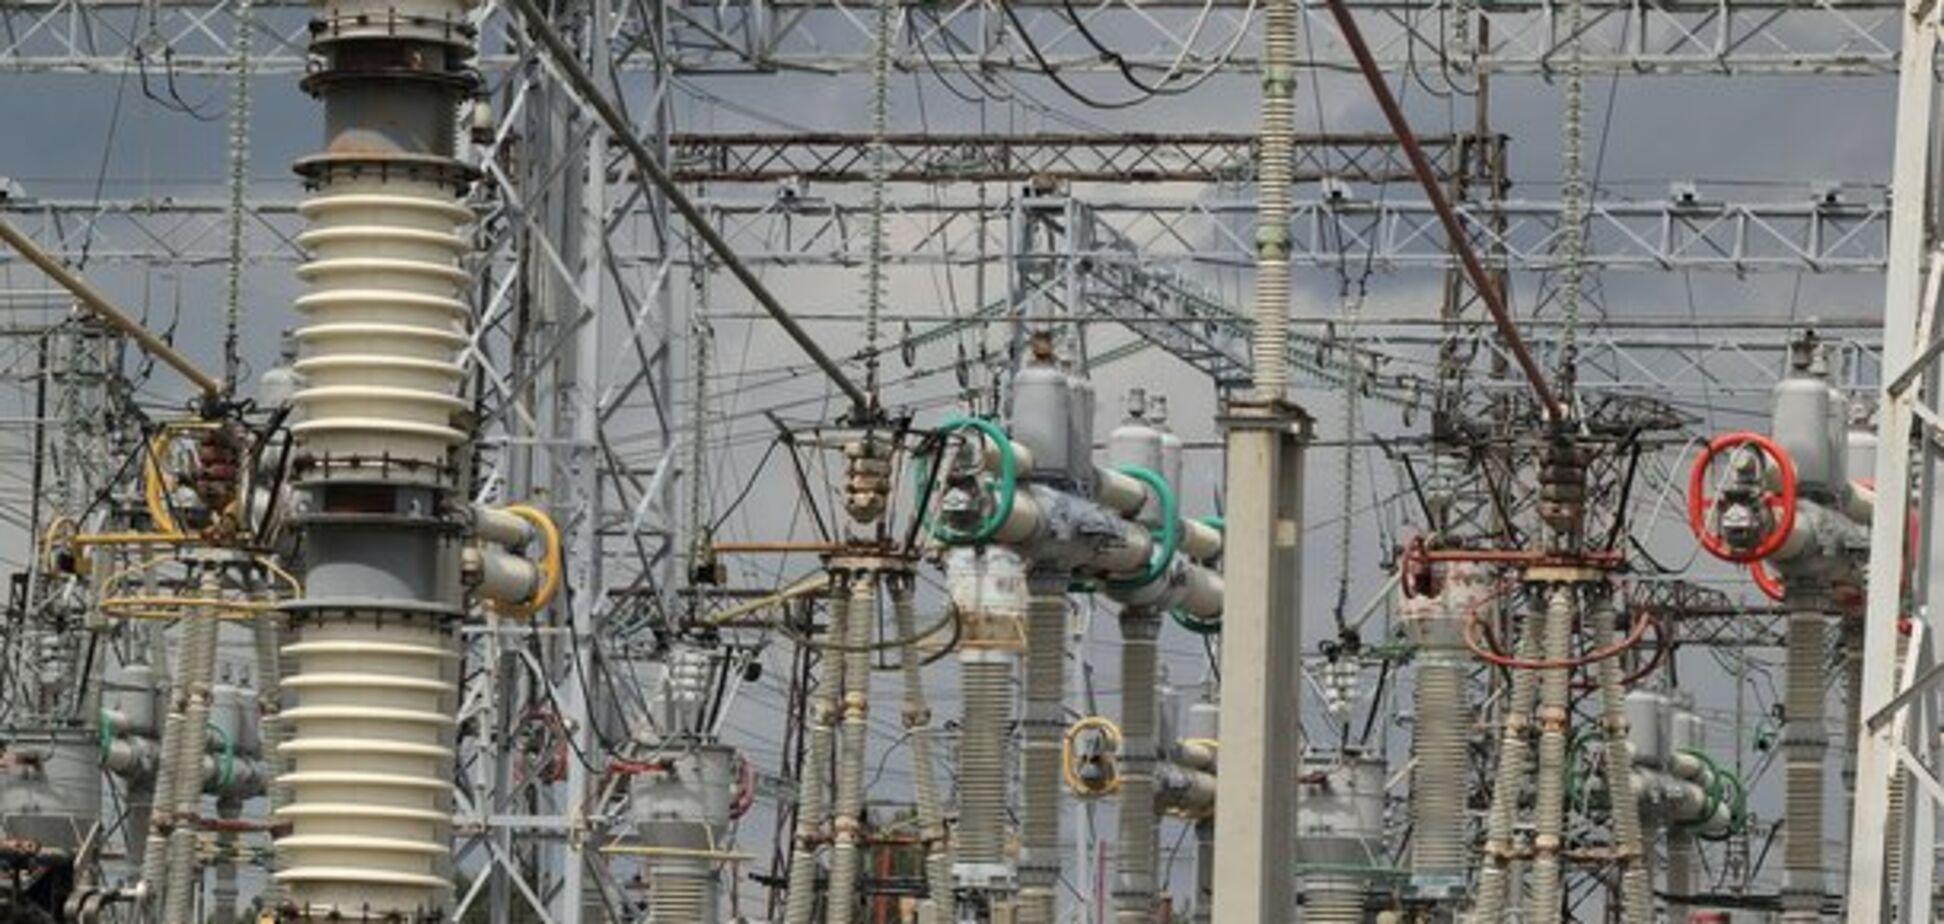 RAB-регулирование позволит сохранить тарифы на электричество в Украине самыми низкими в Европе